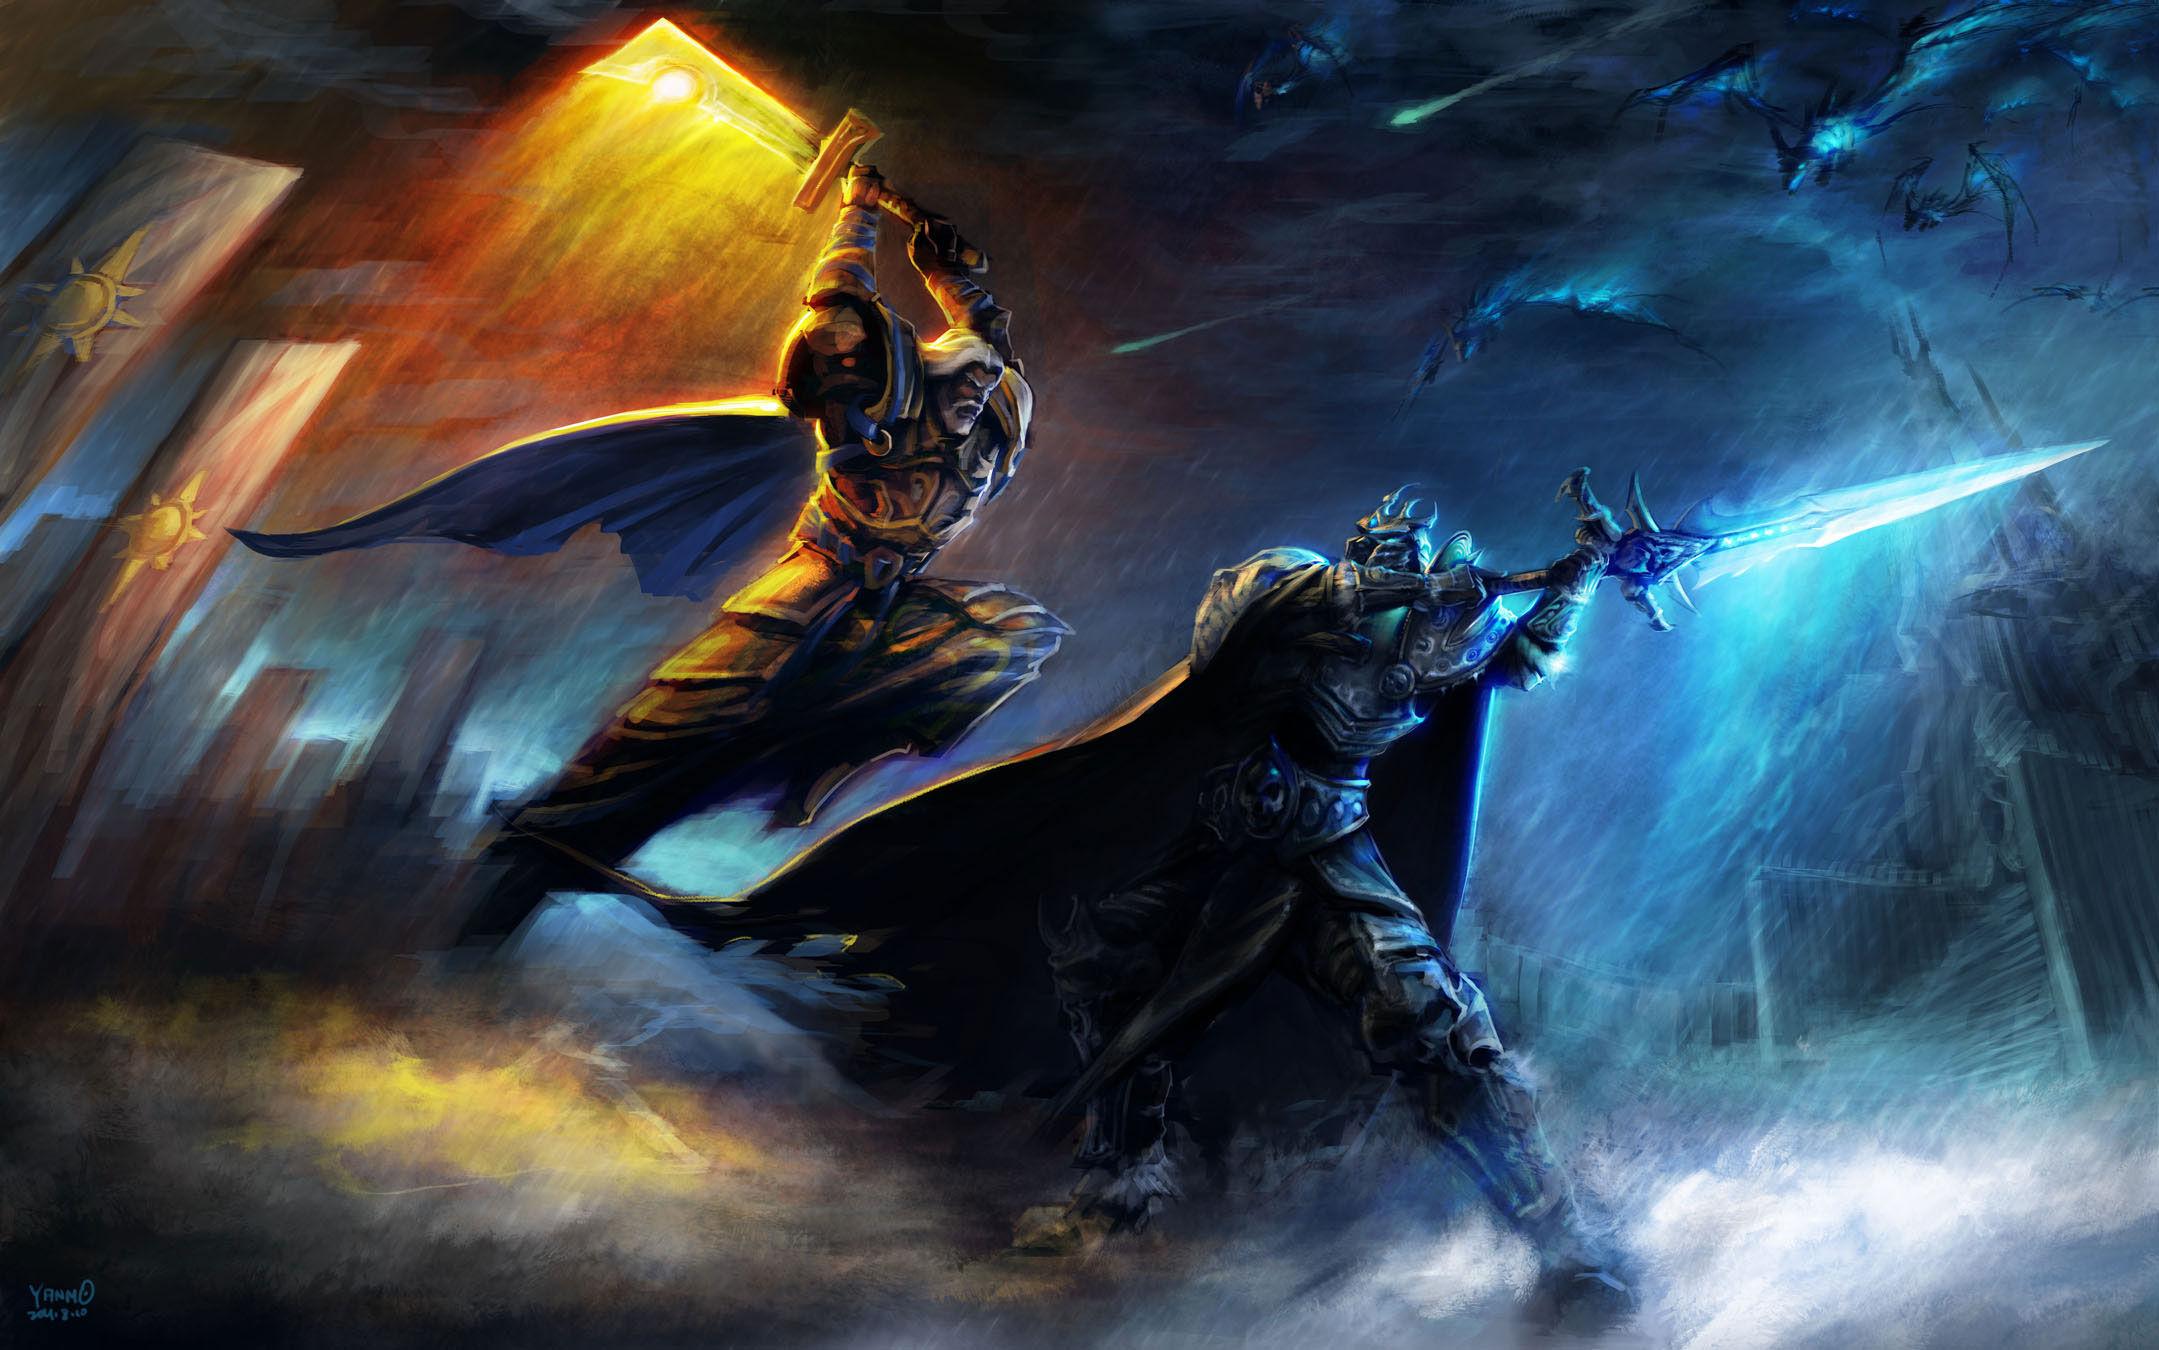 ¿Cuál era el tenebroso plan de Arthas, el cual llevo a cabo en su lucha final contra Tirion y los campeones?